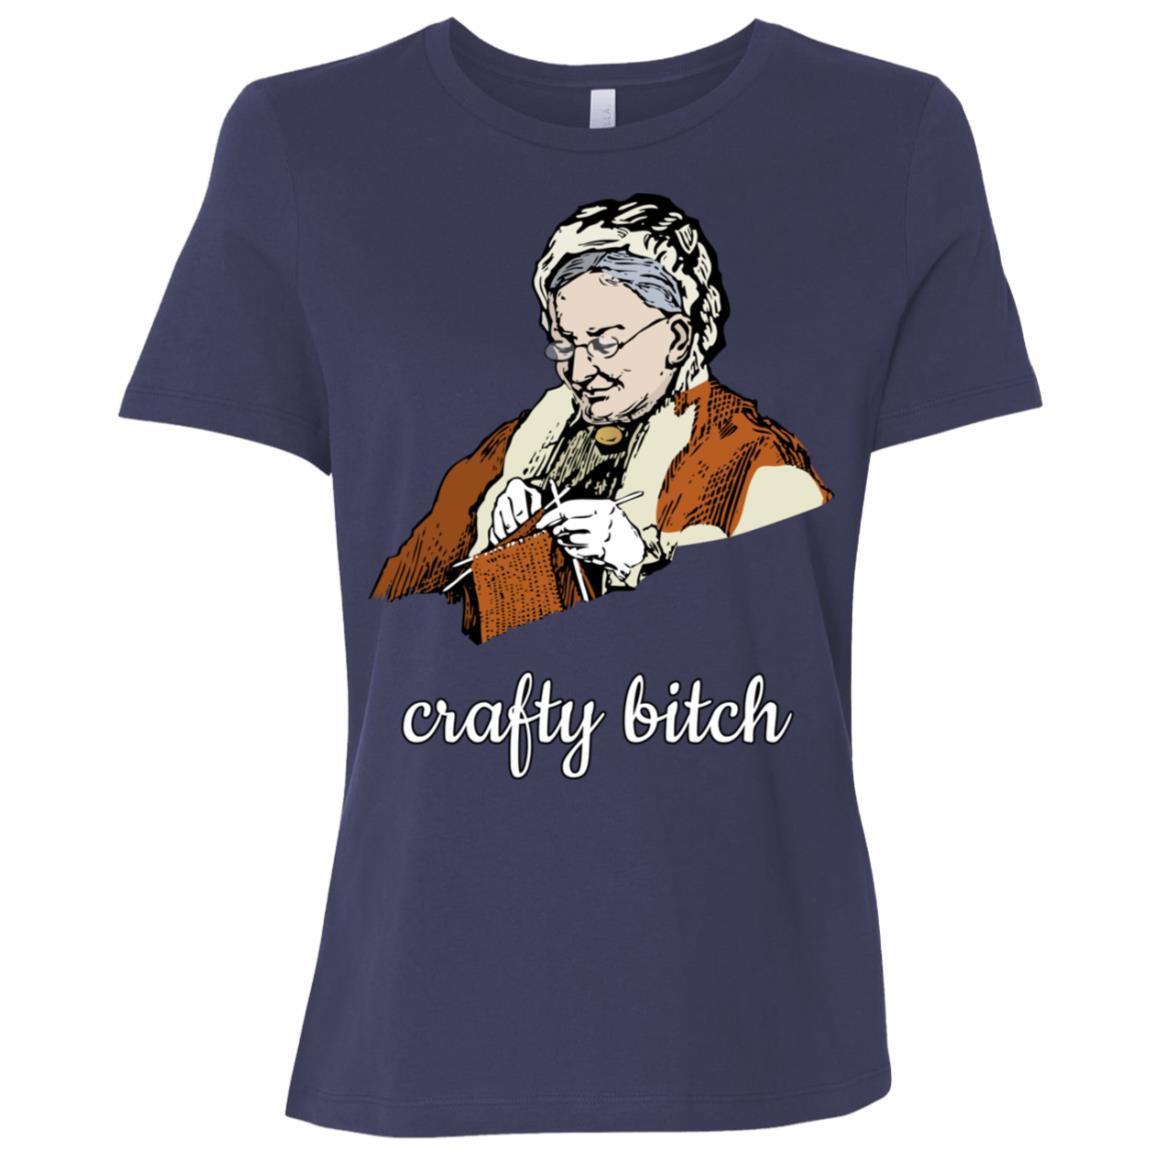 Crafty Bitch Knitting Grandmother Women Short Sleeve T-Shirt